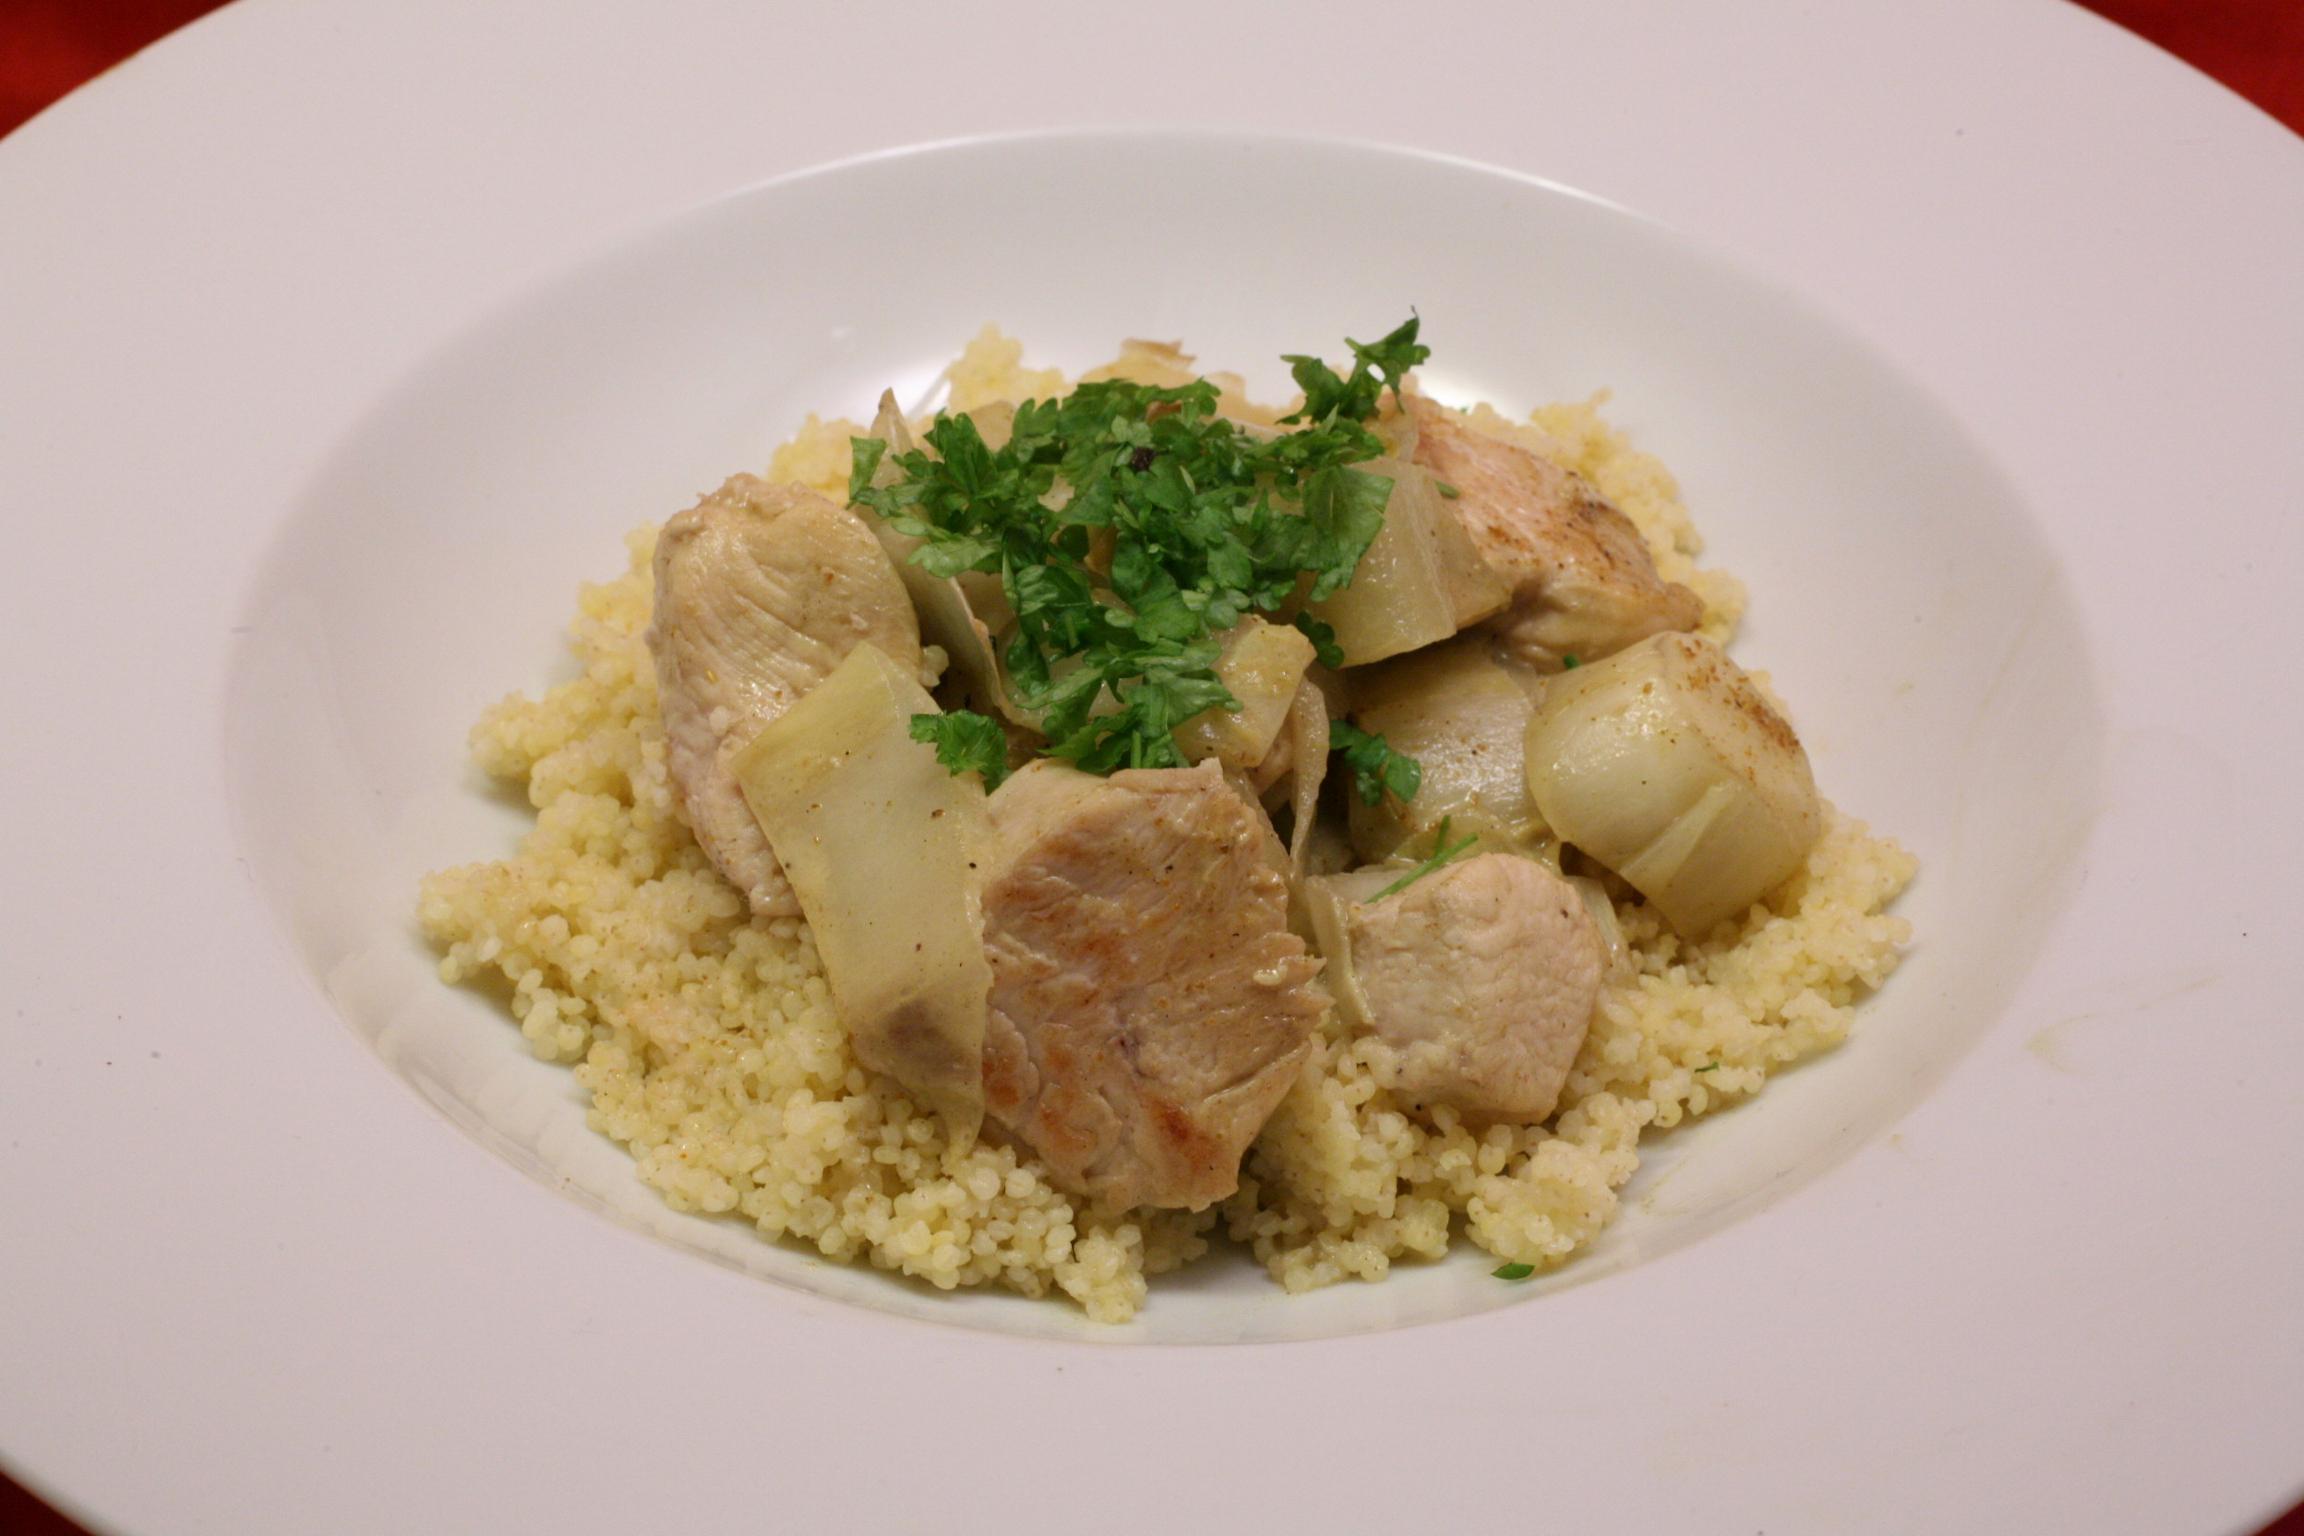 Hähnchenbrustfilet mit Chicorée in Curry-Sauce mit Hirse